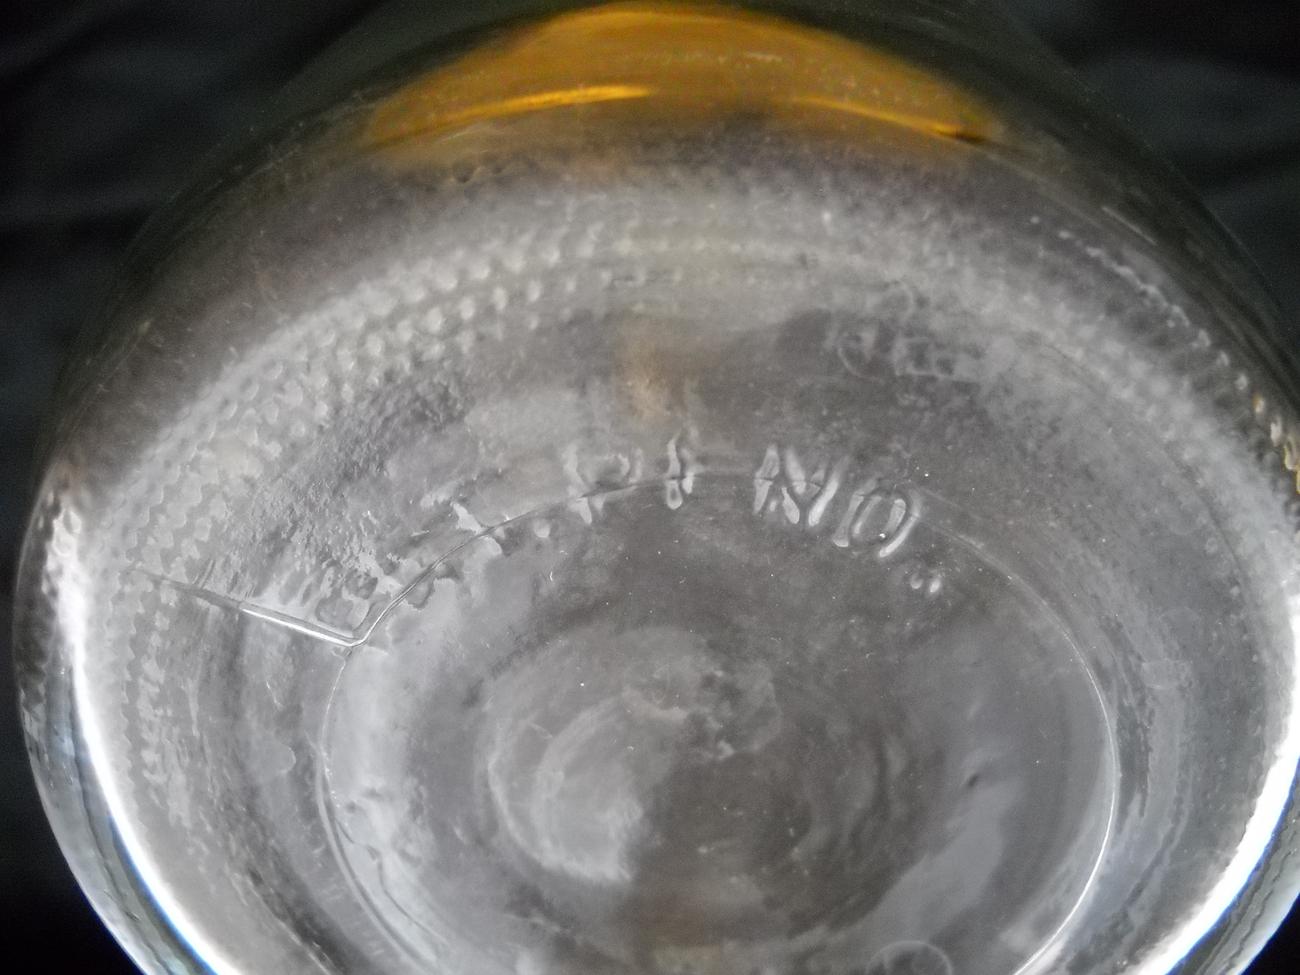 VINTAGE CLEAR GLASS CARAFE - SINCE 1852 - PAT. PEND. - 7 AF - BUTTON JAR BOTTLE